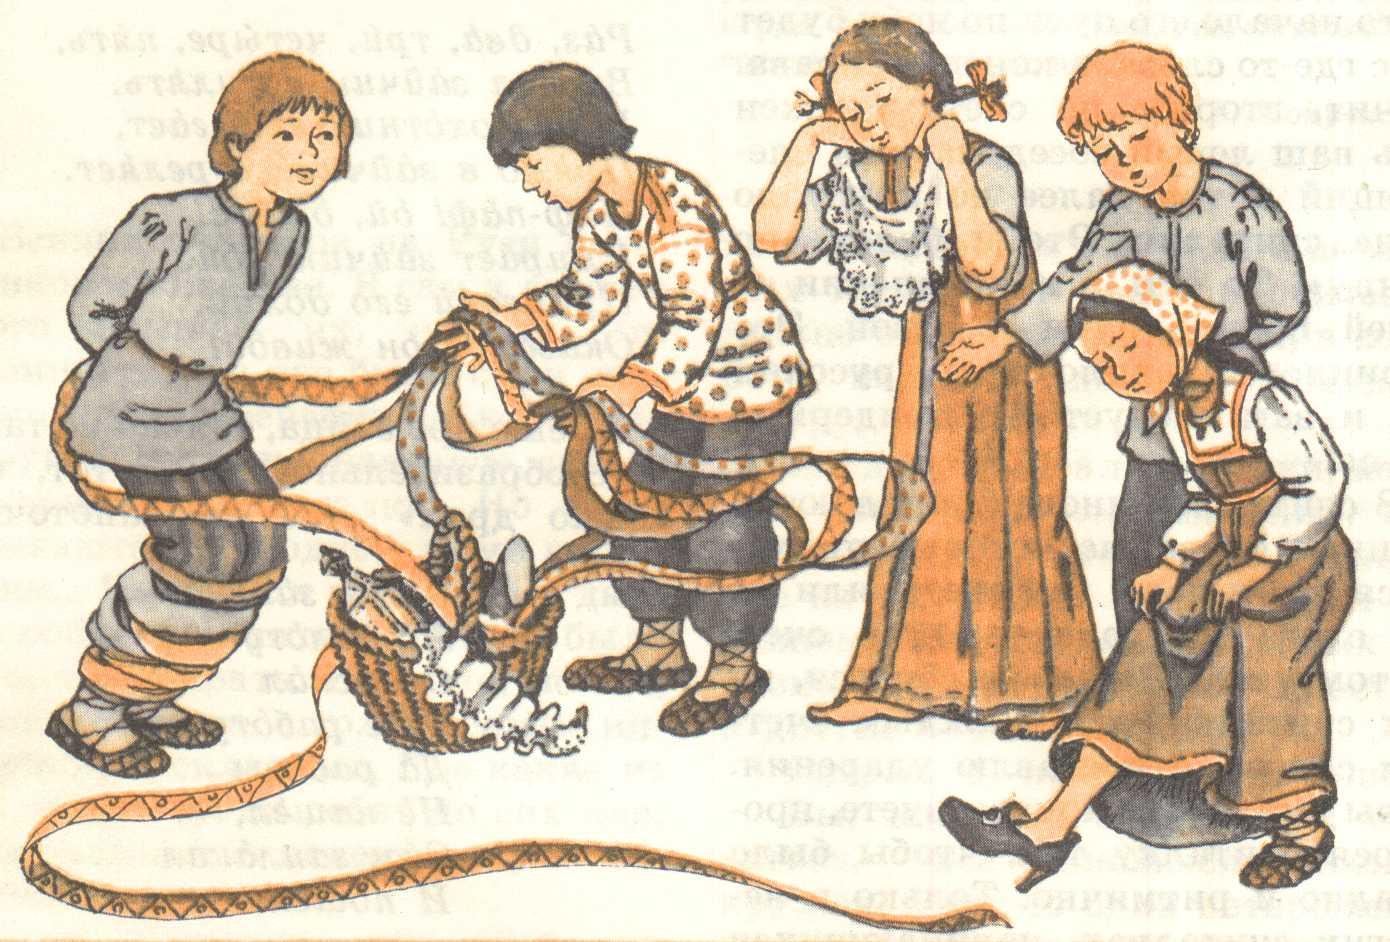 картинки русские народные игры в старину фото